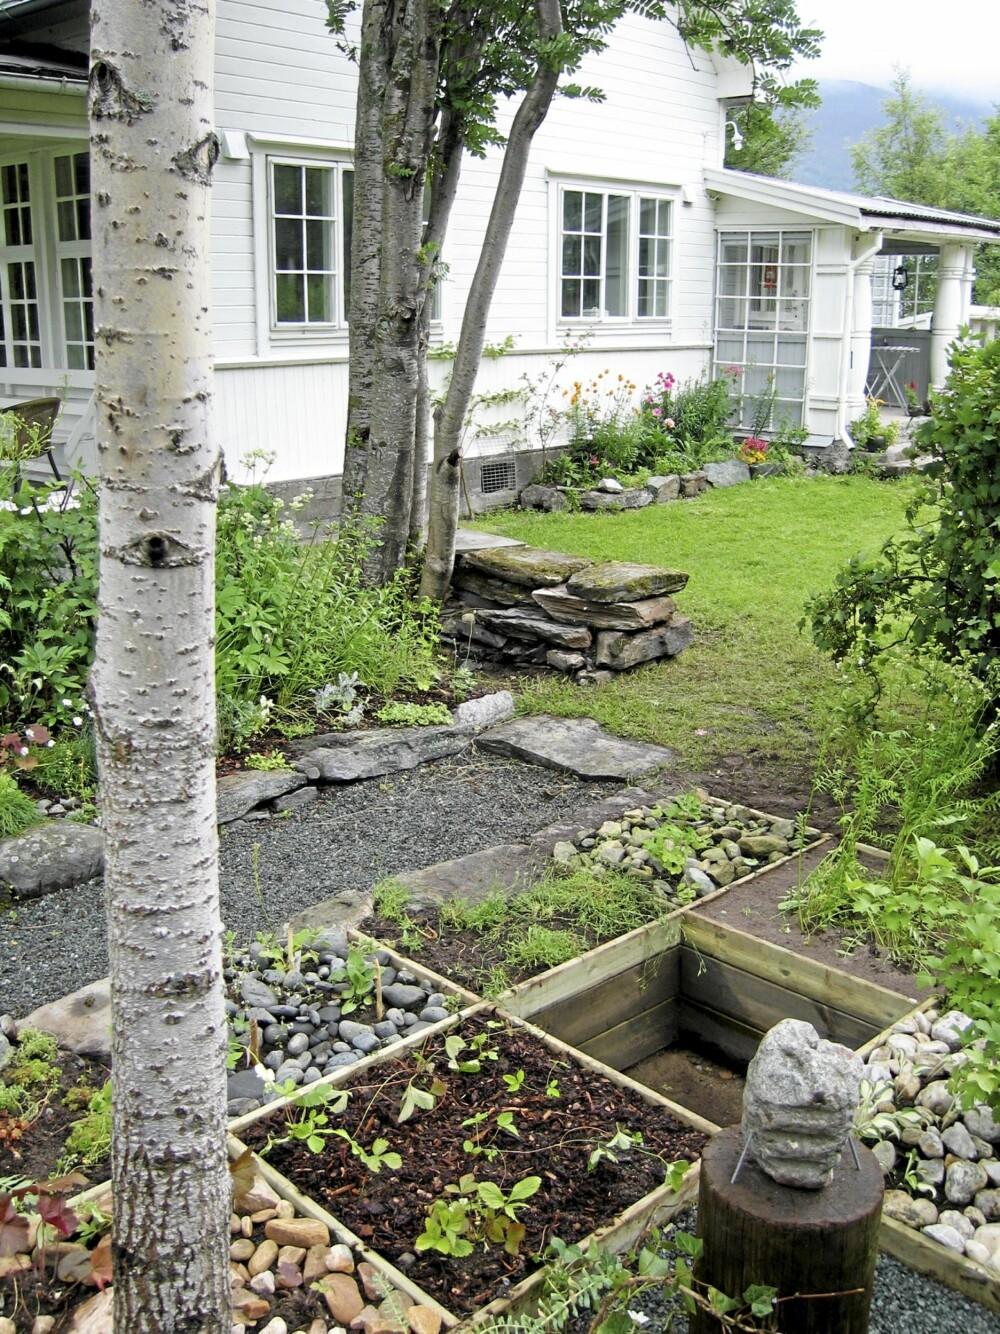 TIDSBESPARENDE: Deler av hagen er øremerket blomster og urter. Organiseres dette i trekassetter som dette, med ett rom for hver vekst får du både oversikt og et system det er lett å vedlikeholde.